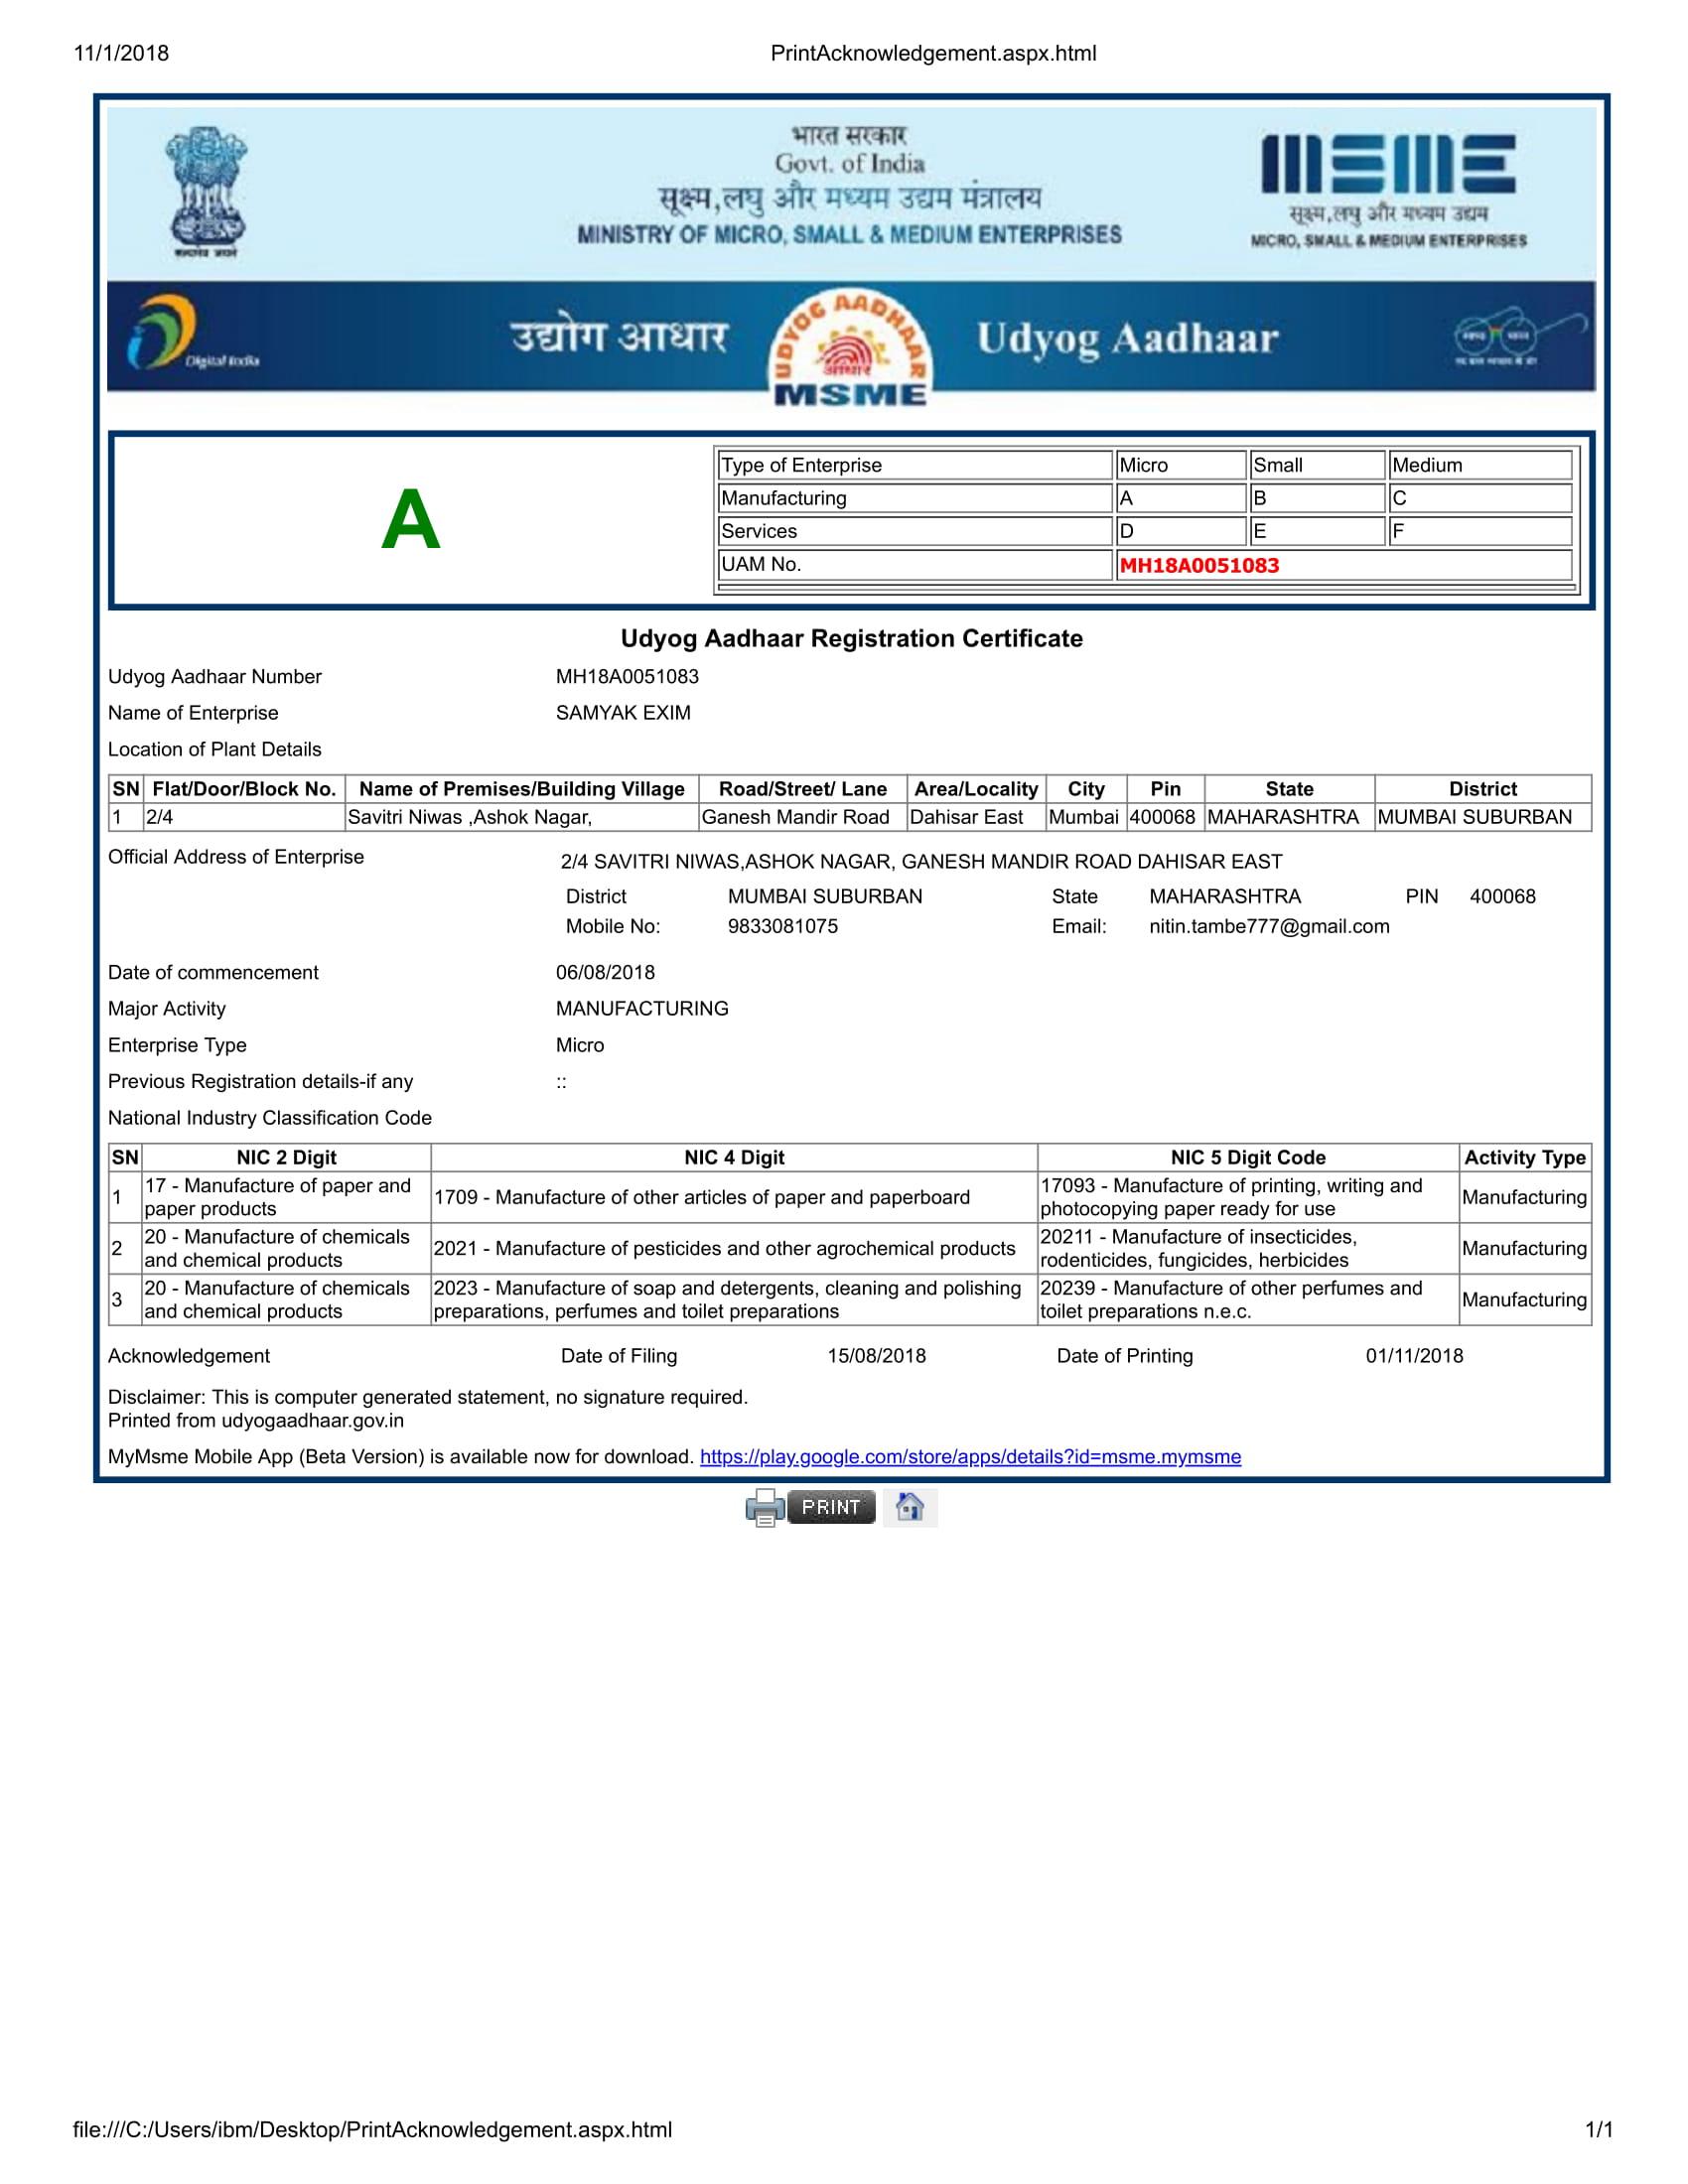 Udyog Adhar Samyak Exim